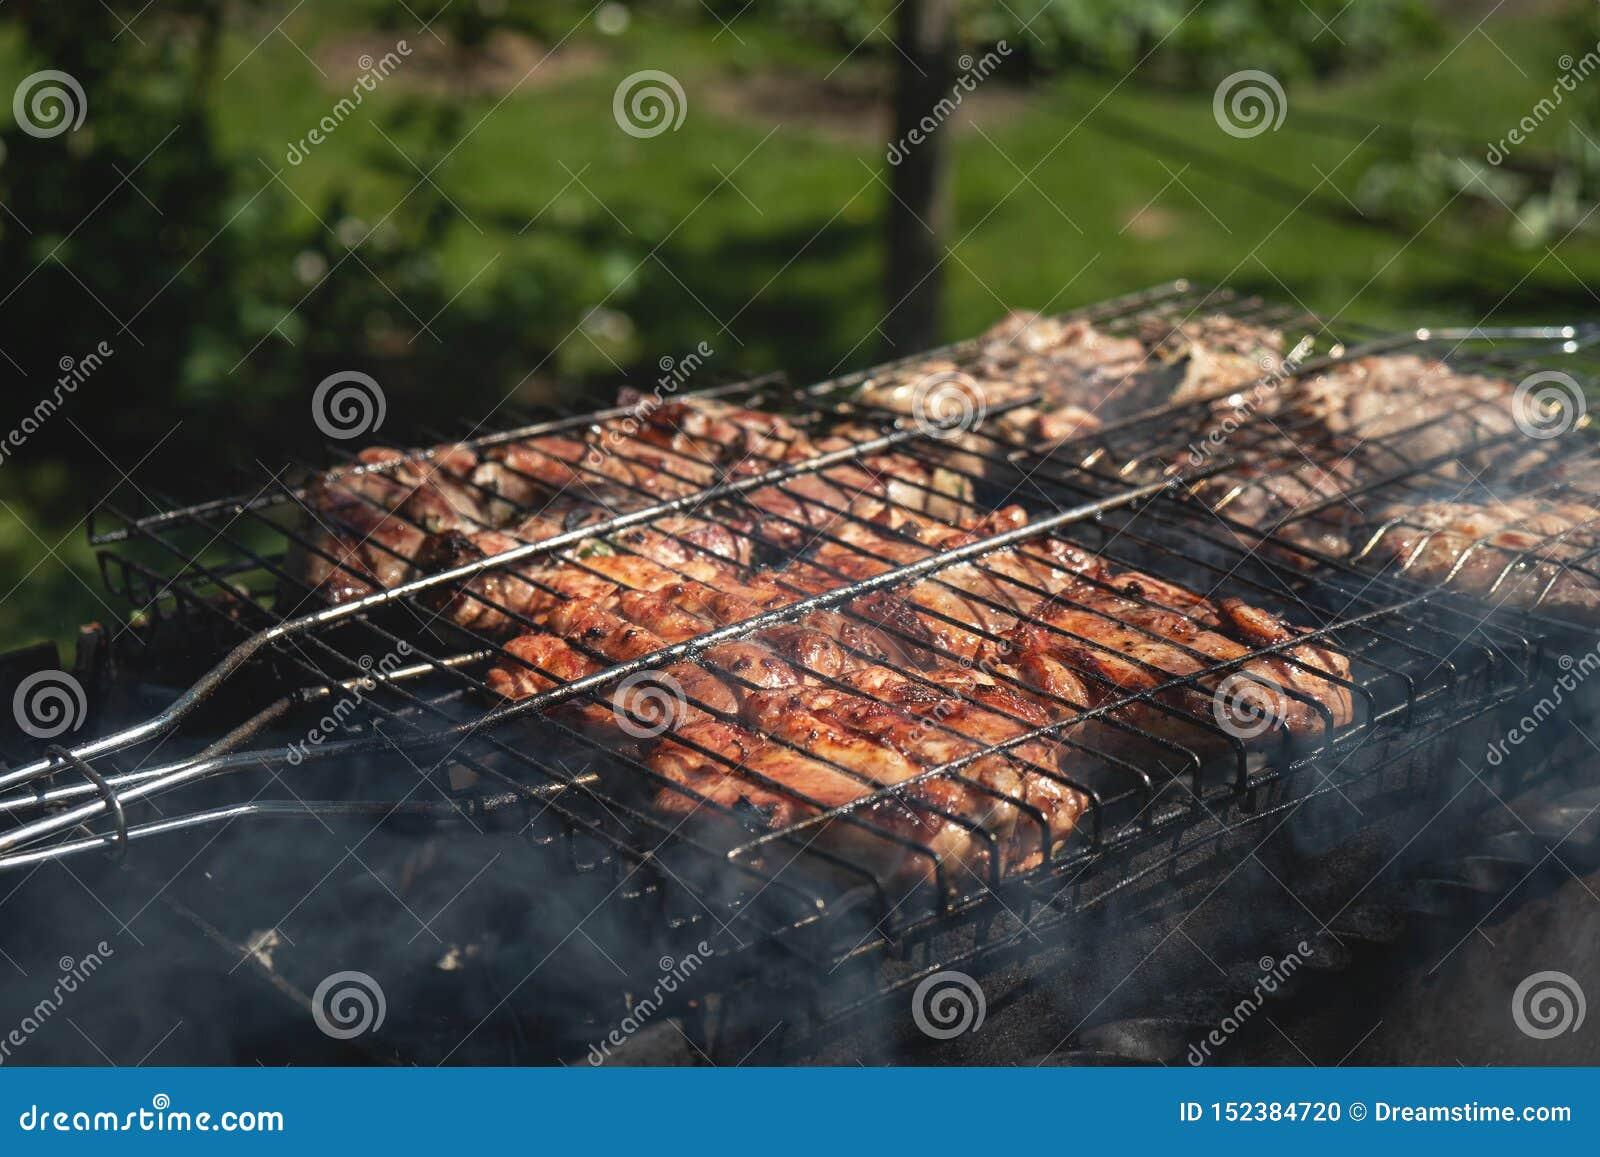 Het geroosterde varkensvlees is in openlucht gekookt, de zomerpicknick